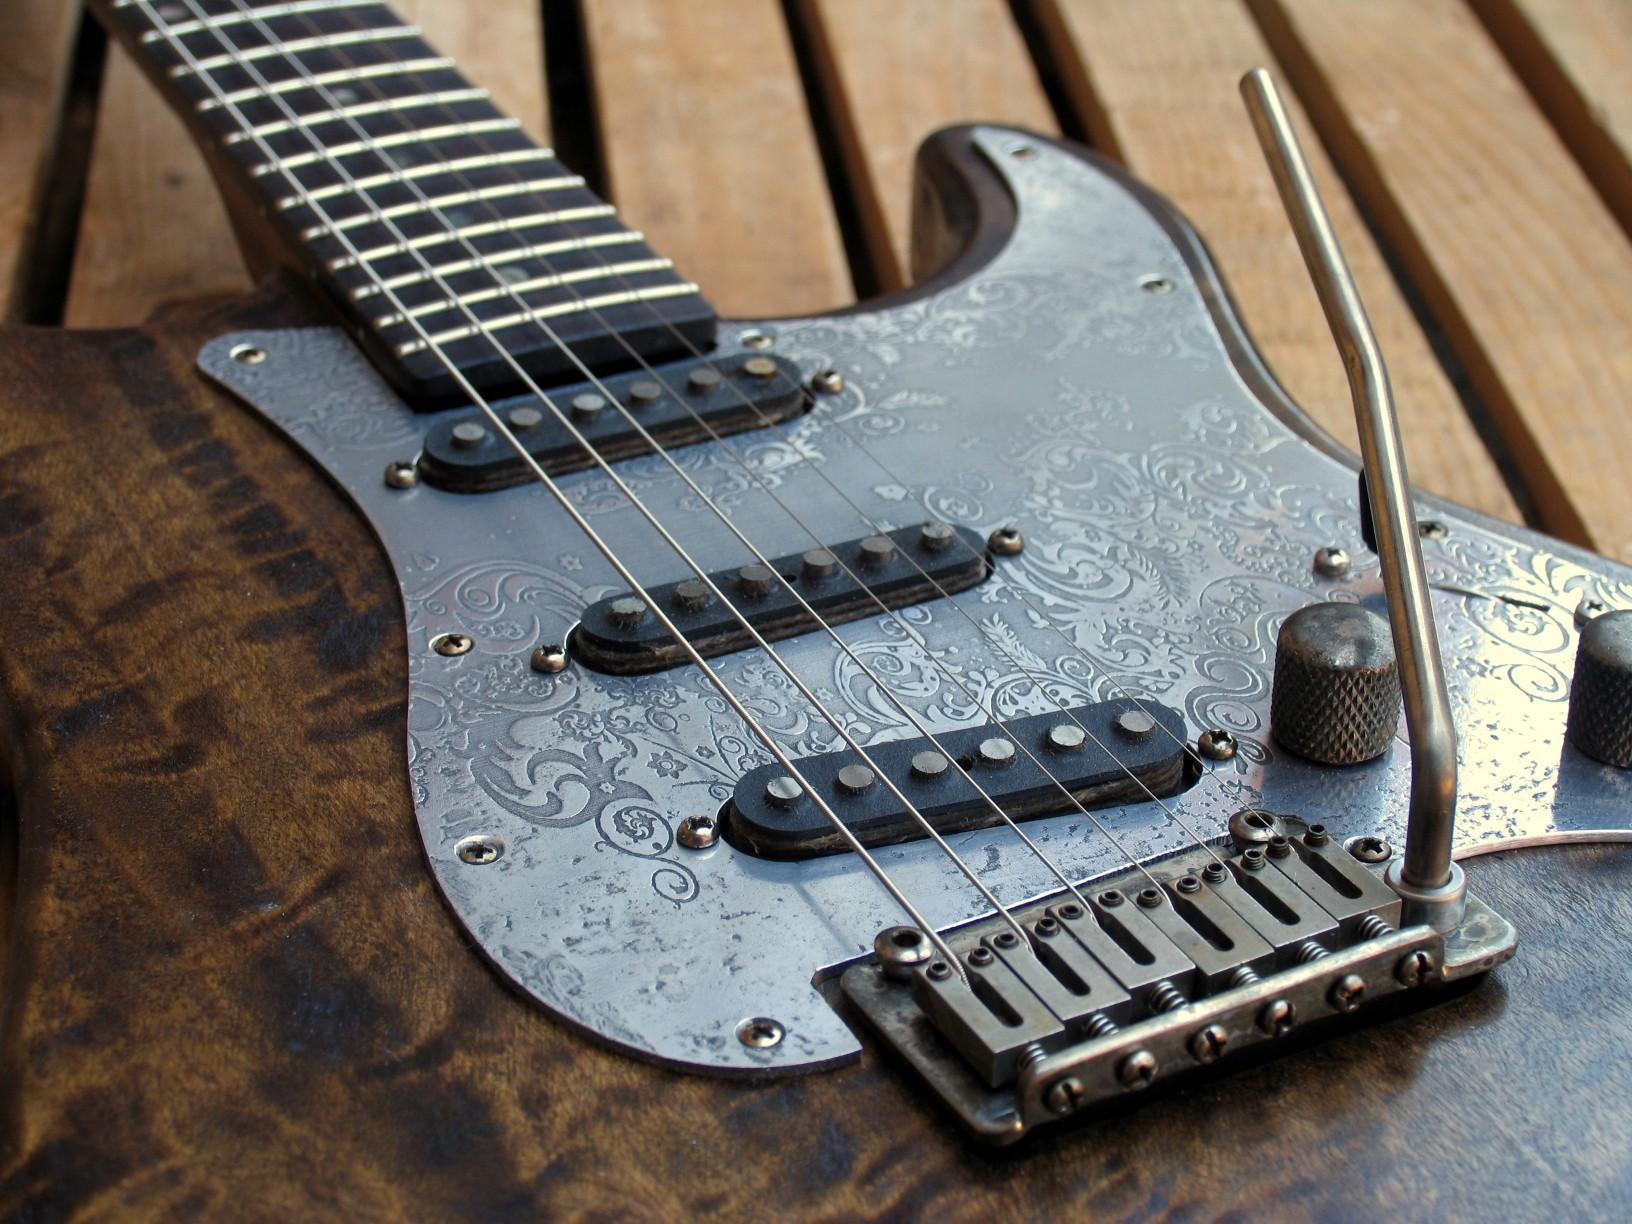 Dettaglio del ponte e dei pickups di una chitarra Stratocaster in pioppo